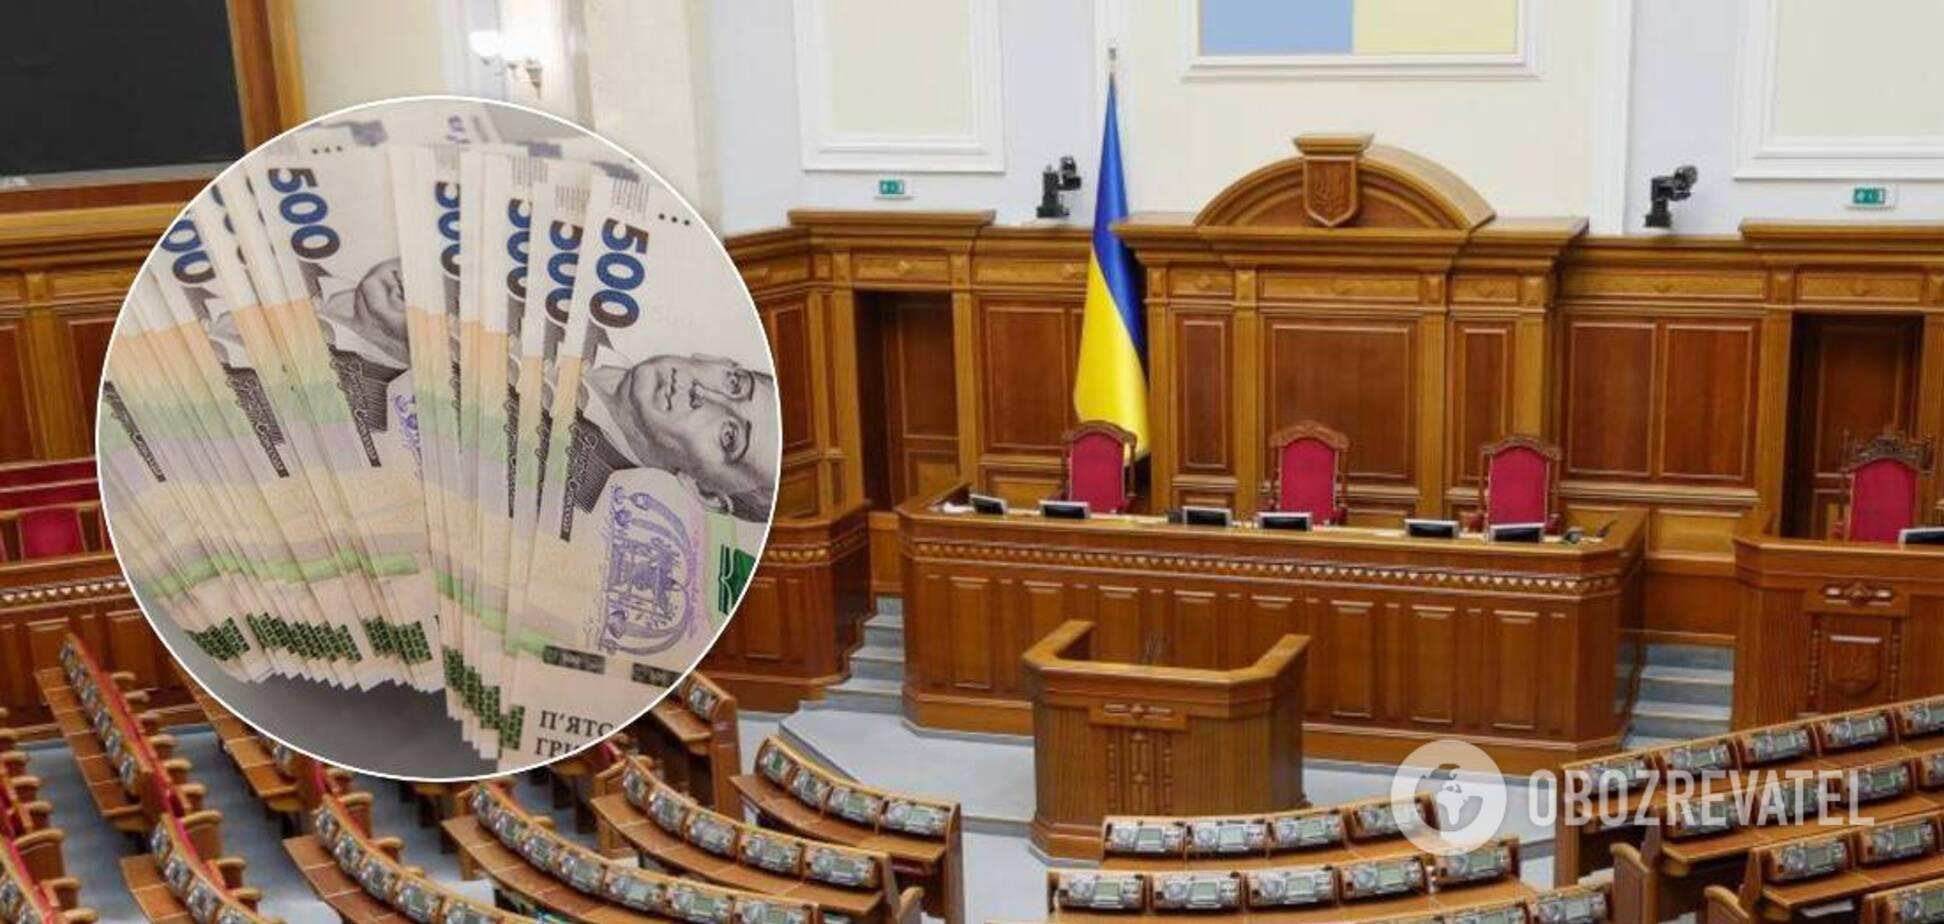 Разумкову и его замам в июне заплатили по 89 тысяч гривен